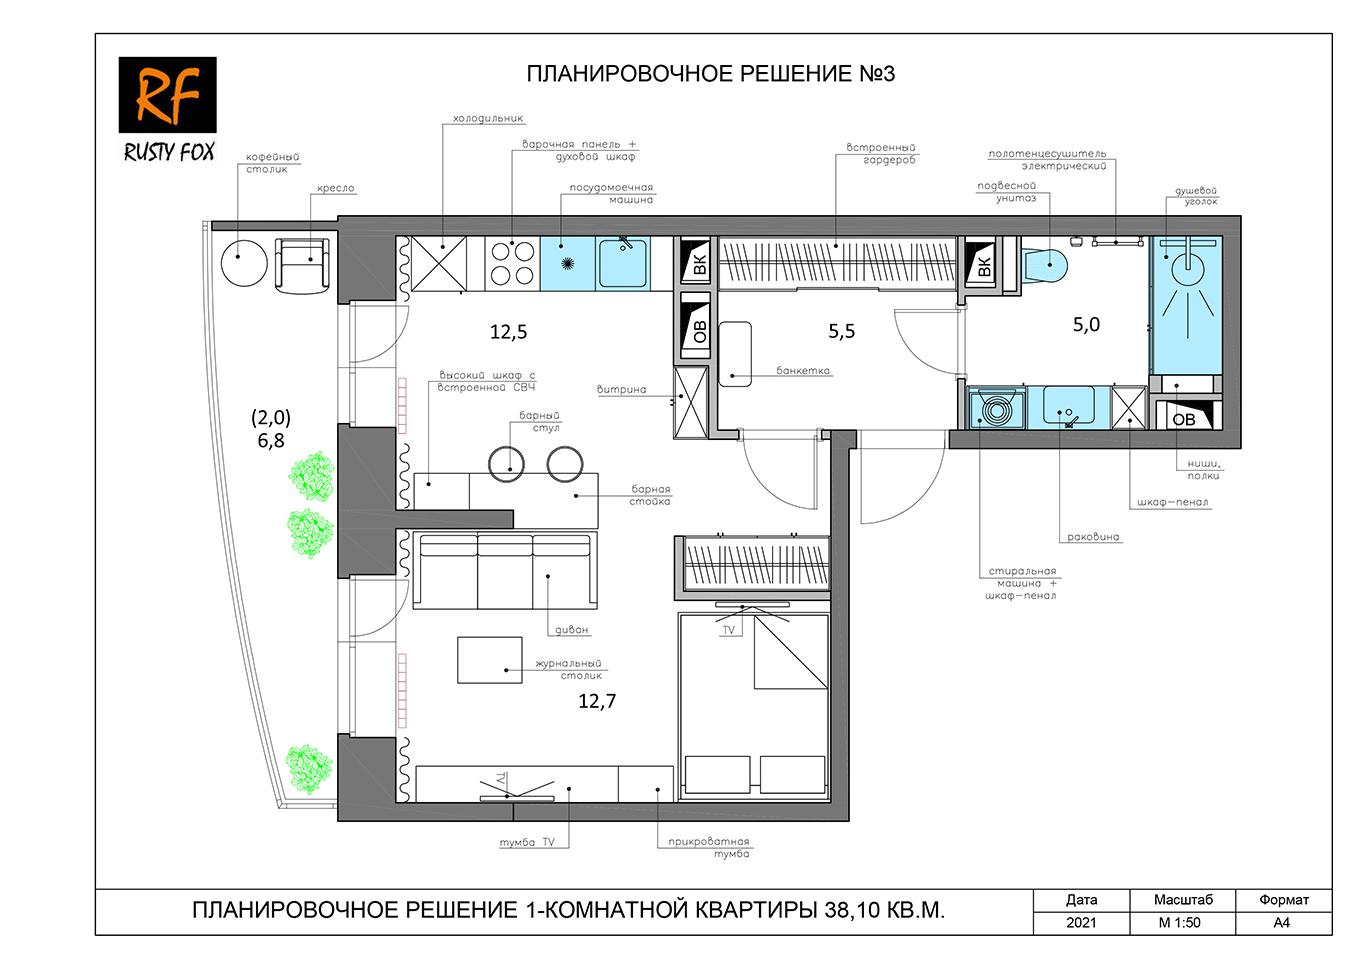 ЖК Люберцы корпус 54. Планировочное решение №3 1-комнатная квартира левая 38,10 кв.м.